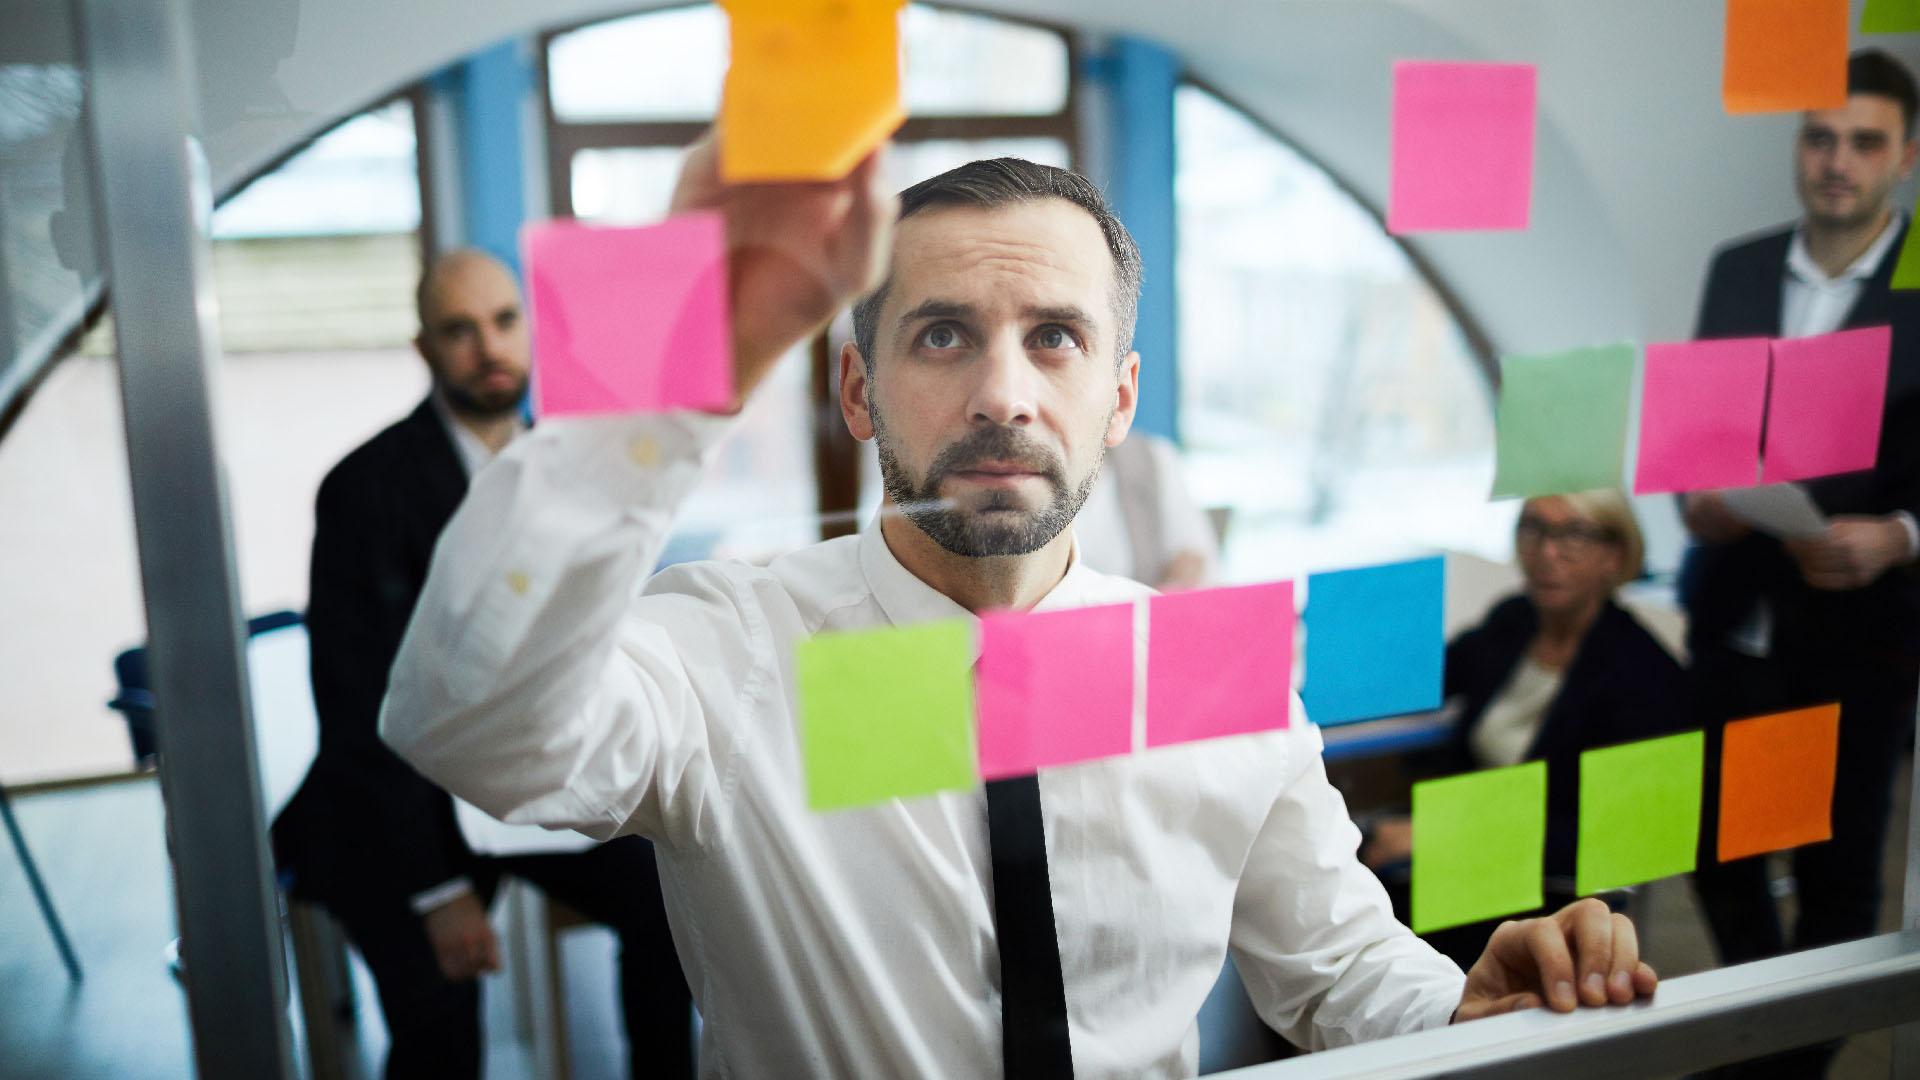 Modelowanie pracy, czyli zmień pracę, którą masz,  wpracę, którą lubisz